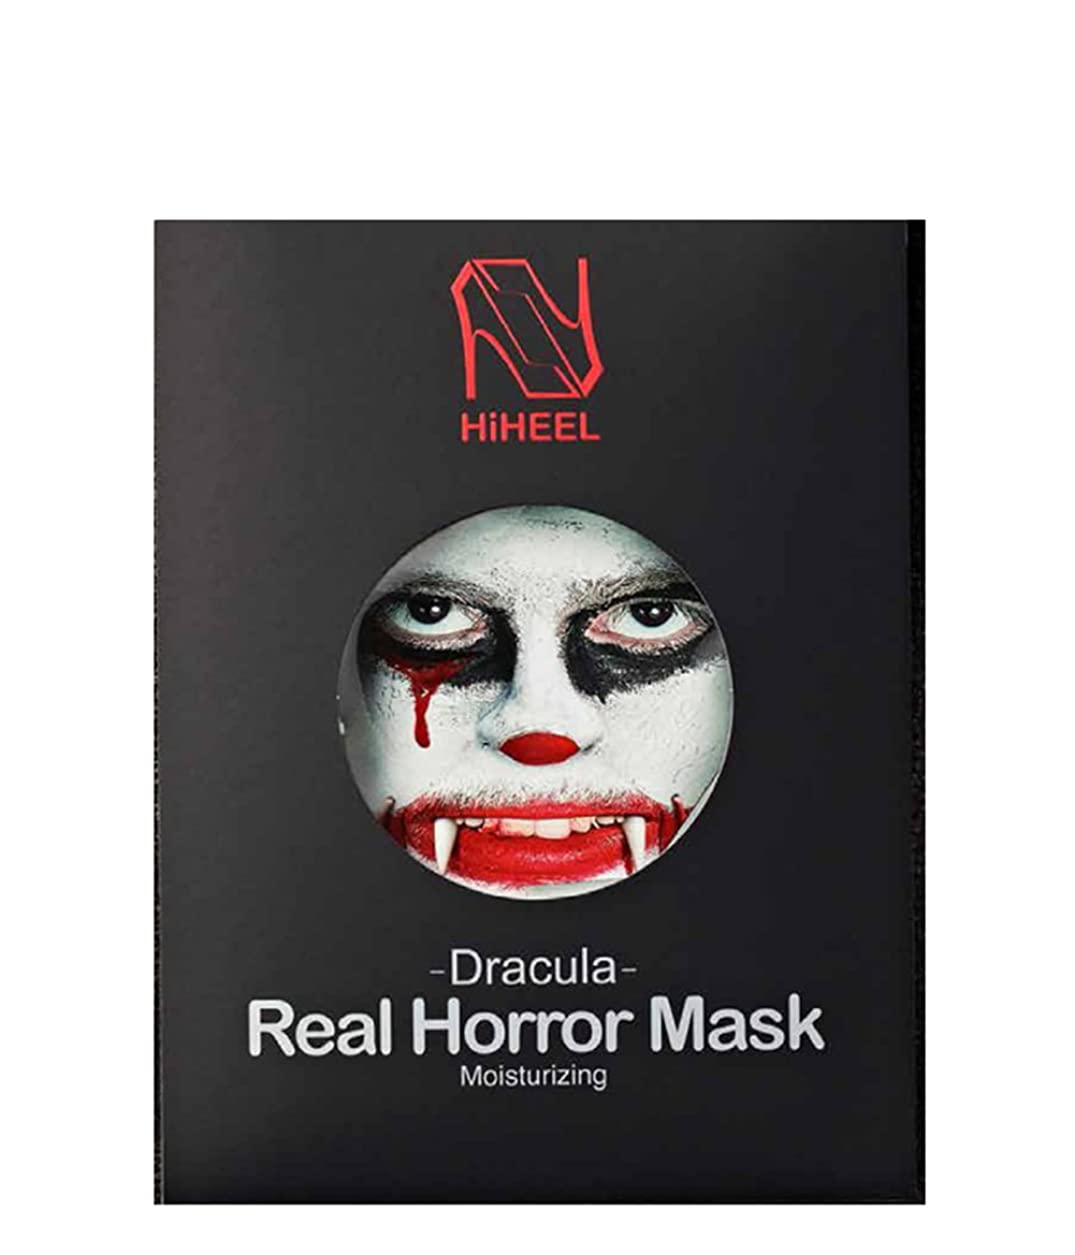 ティーンエイジャー信者知覚(ヒヒエル) HiHEEL Dracula Real Horror Mask Moisturizing 10 Sheets ドラキュラリアルホラーマスクモイスチャライジング CH1278870 [並行輸入品]